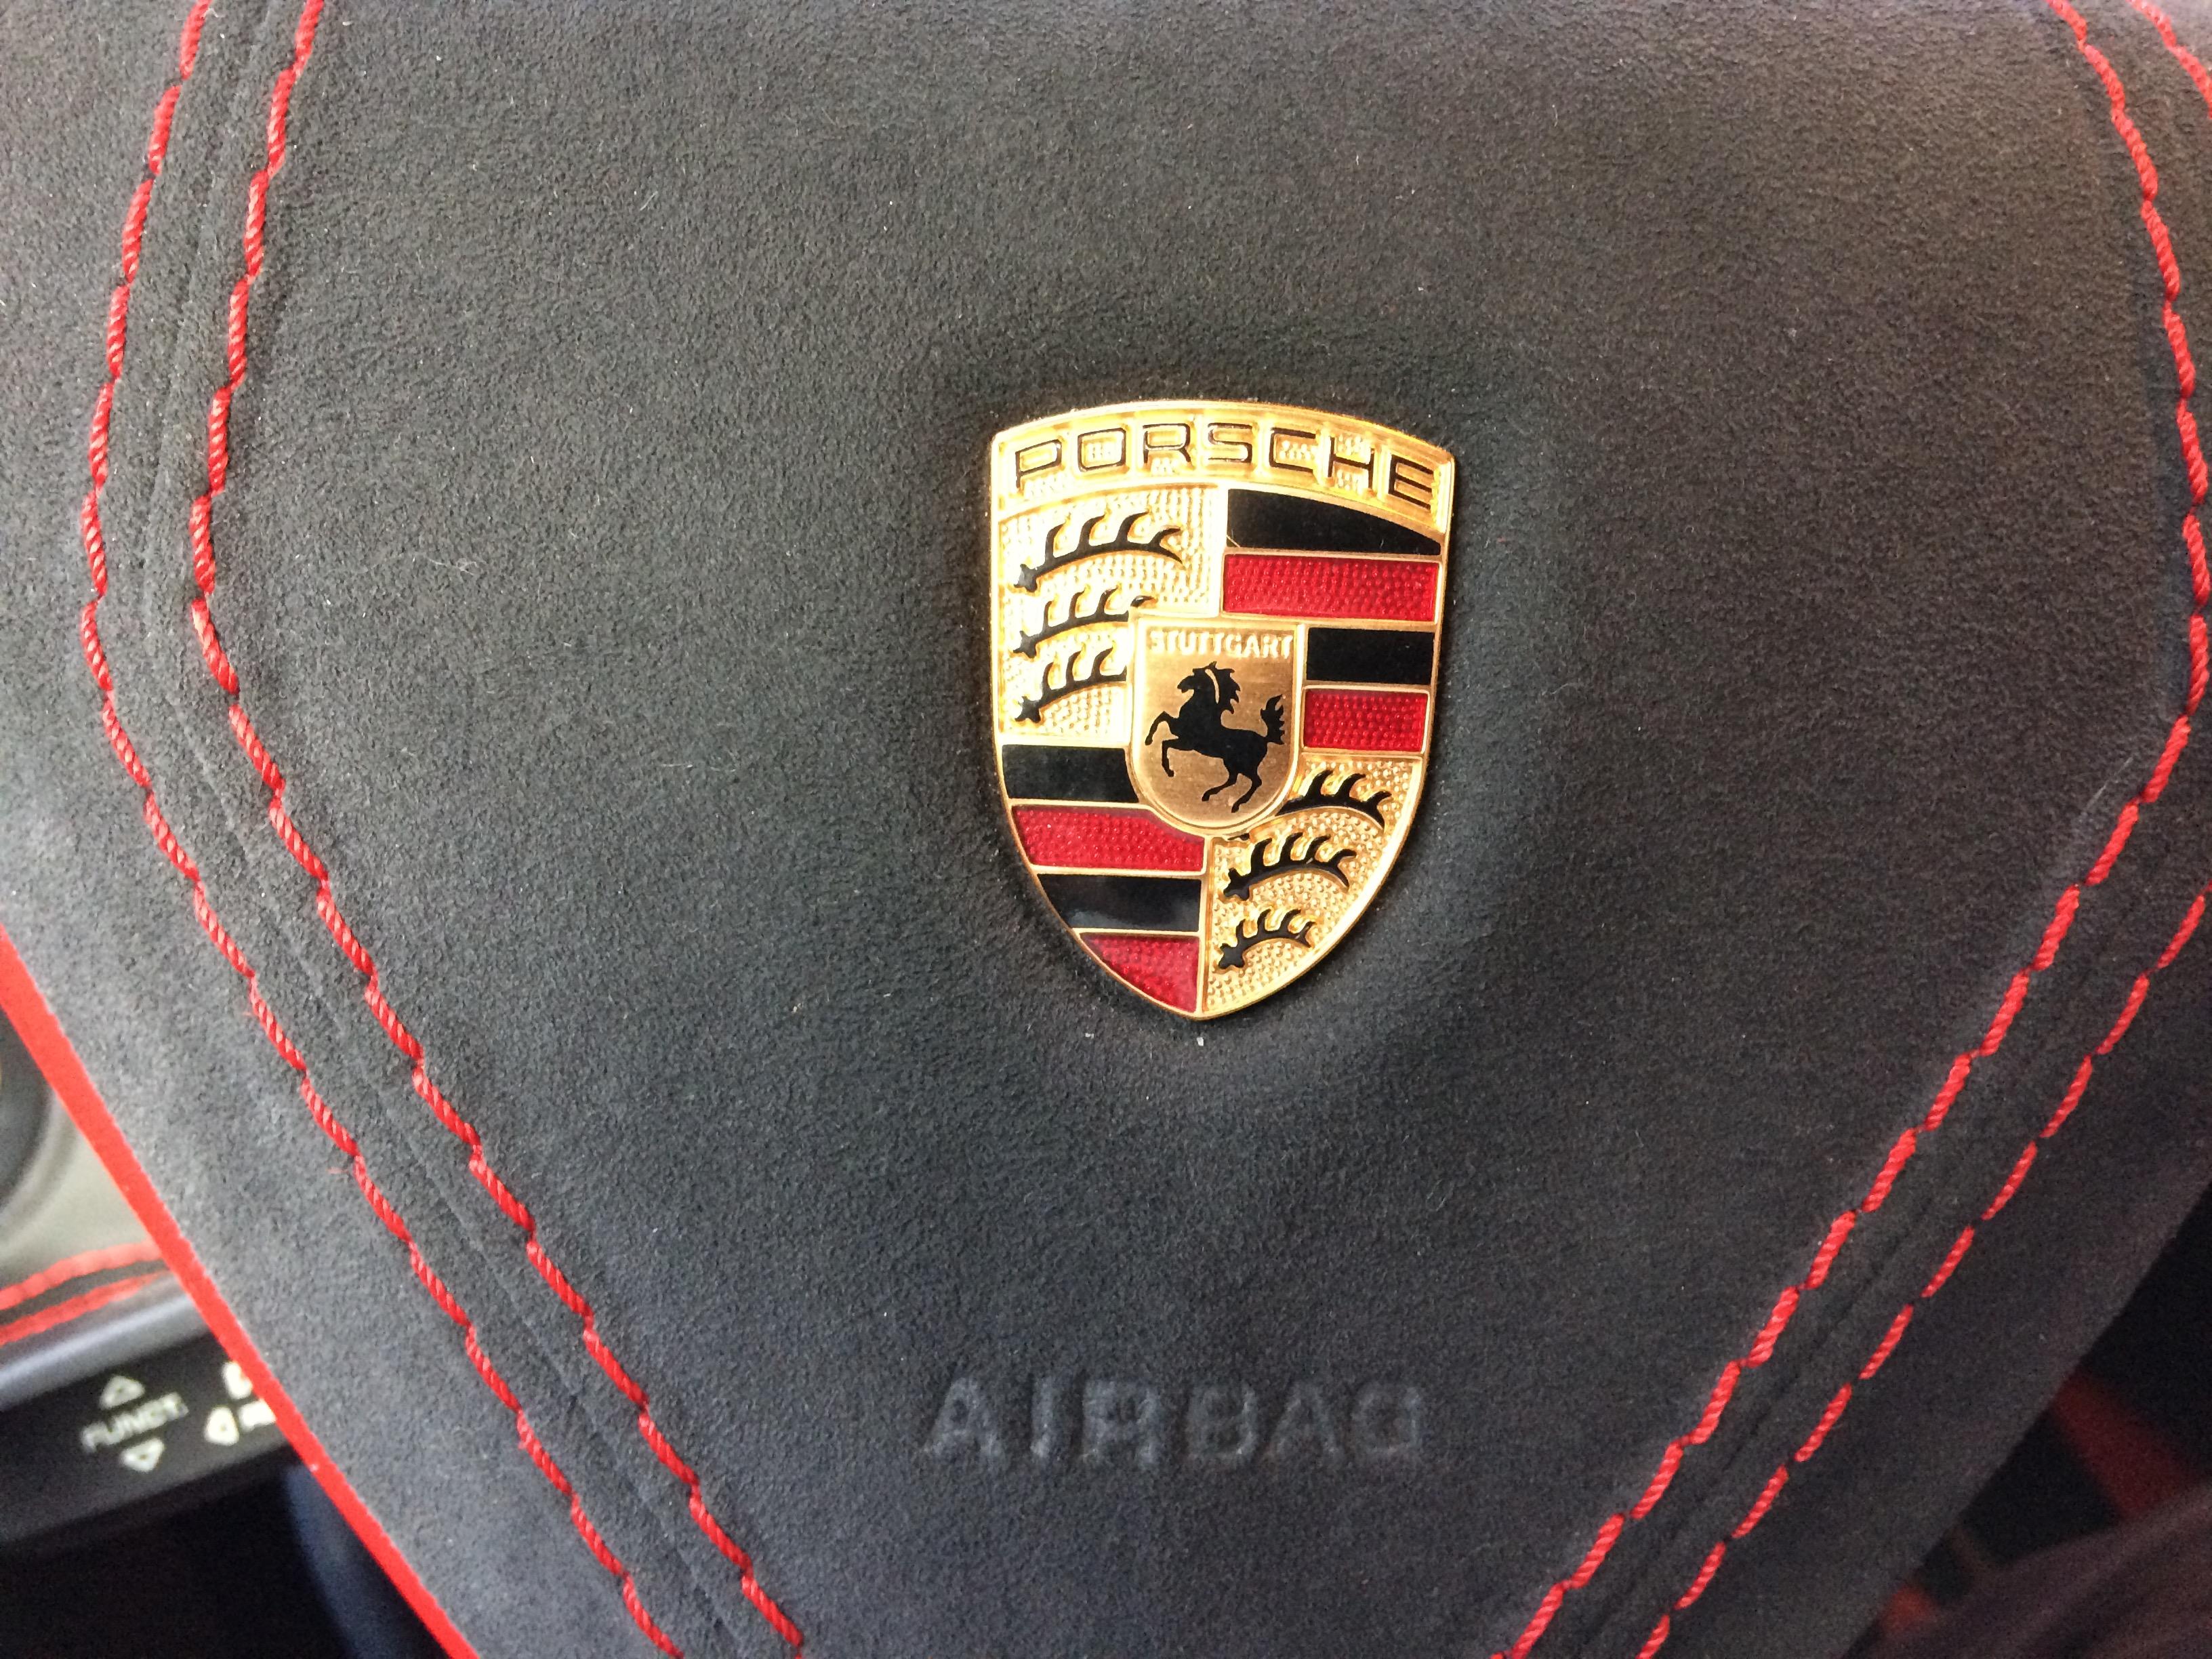 Porsche 911 teszt